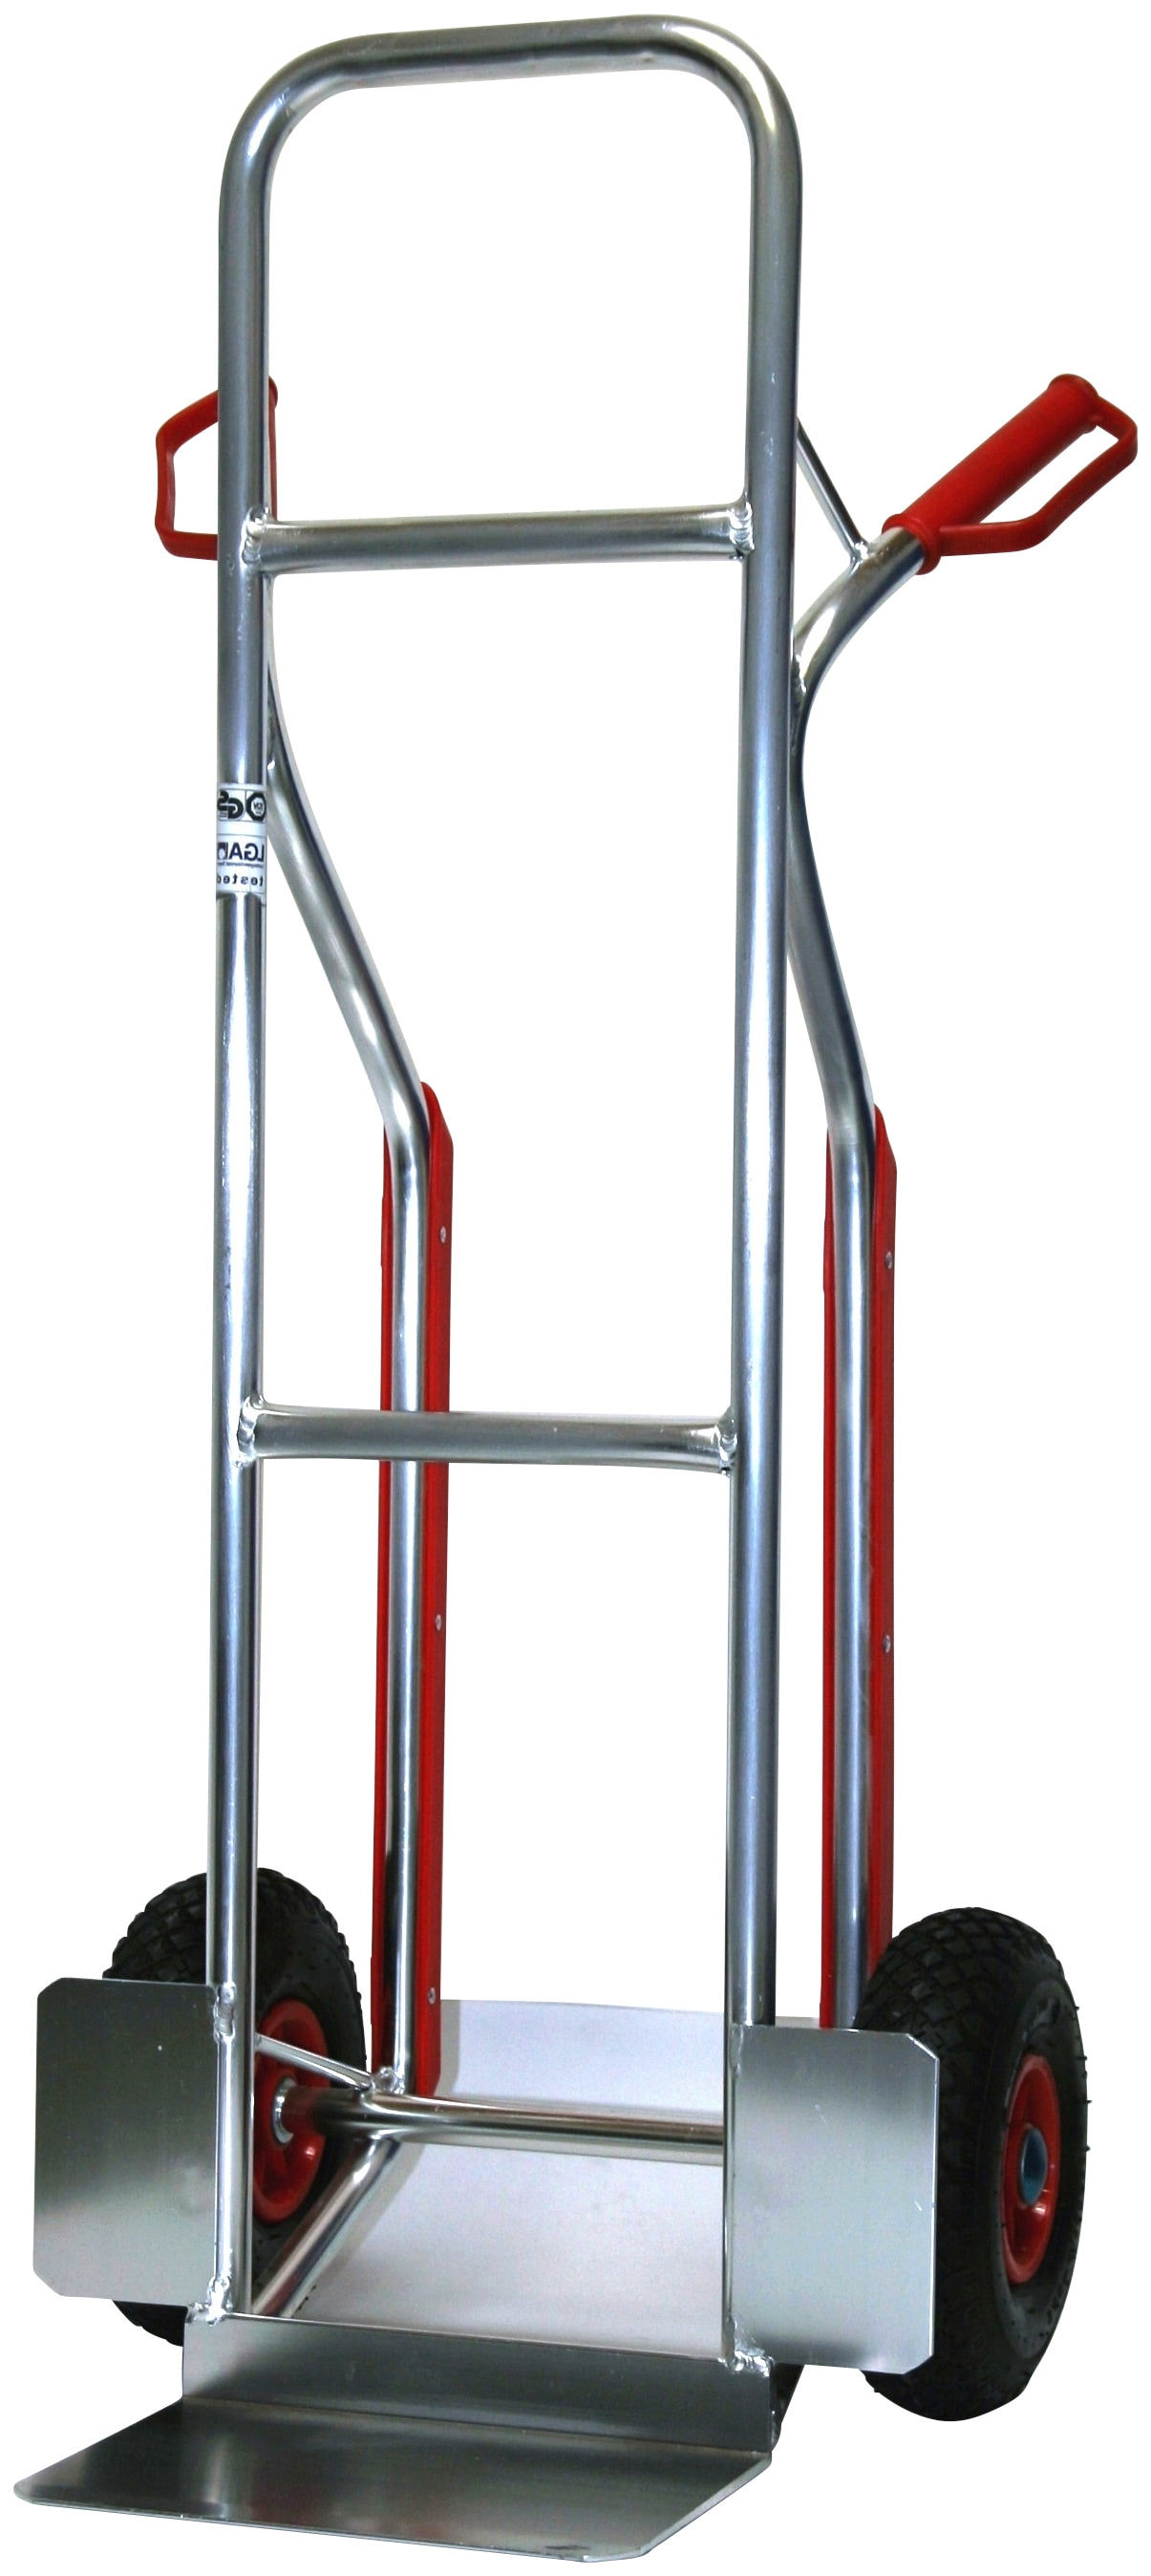 SZ METALL Sackkarre, mit Gleitkufen silberfarben Sackkarren Transport Werkzeug Maschinen Sackkarre